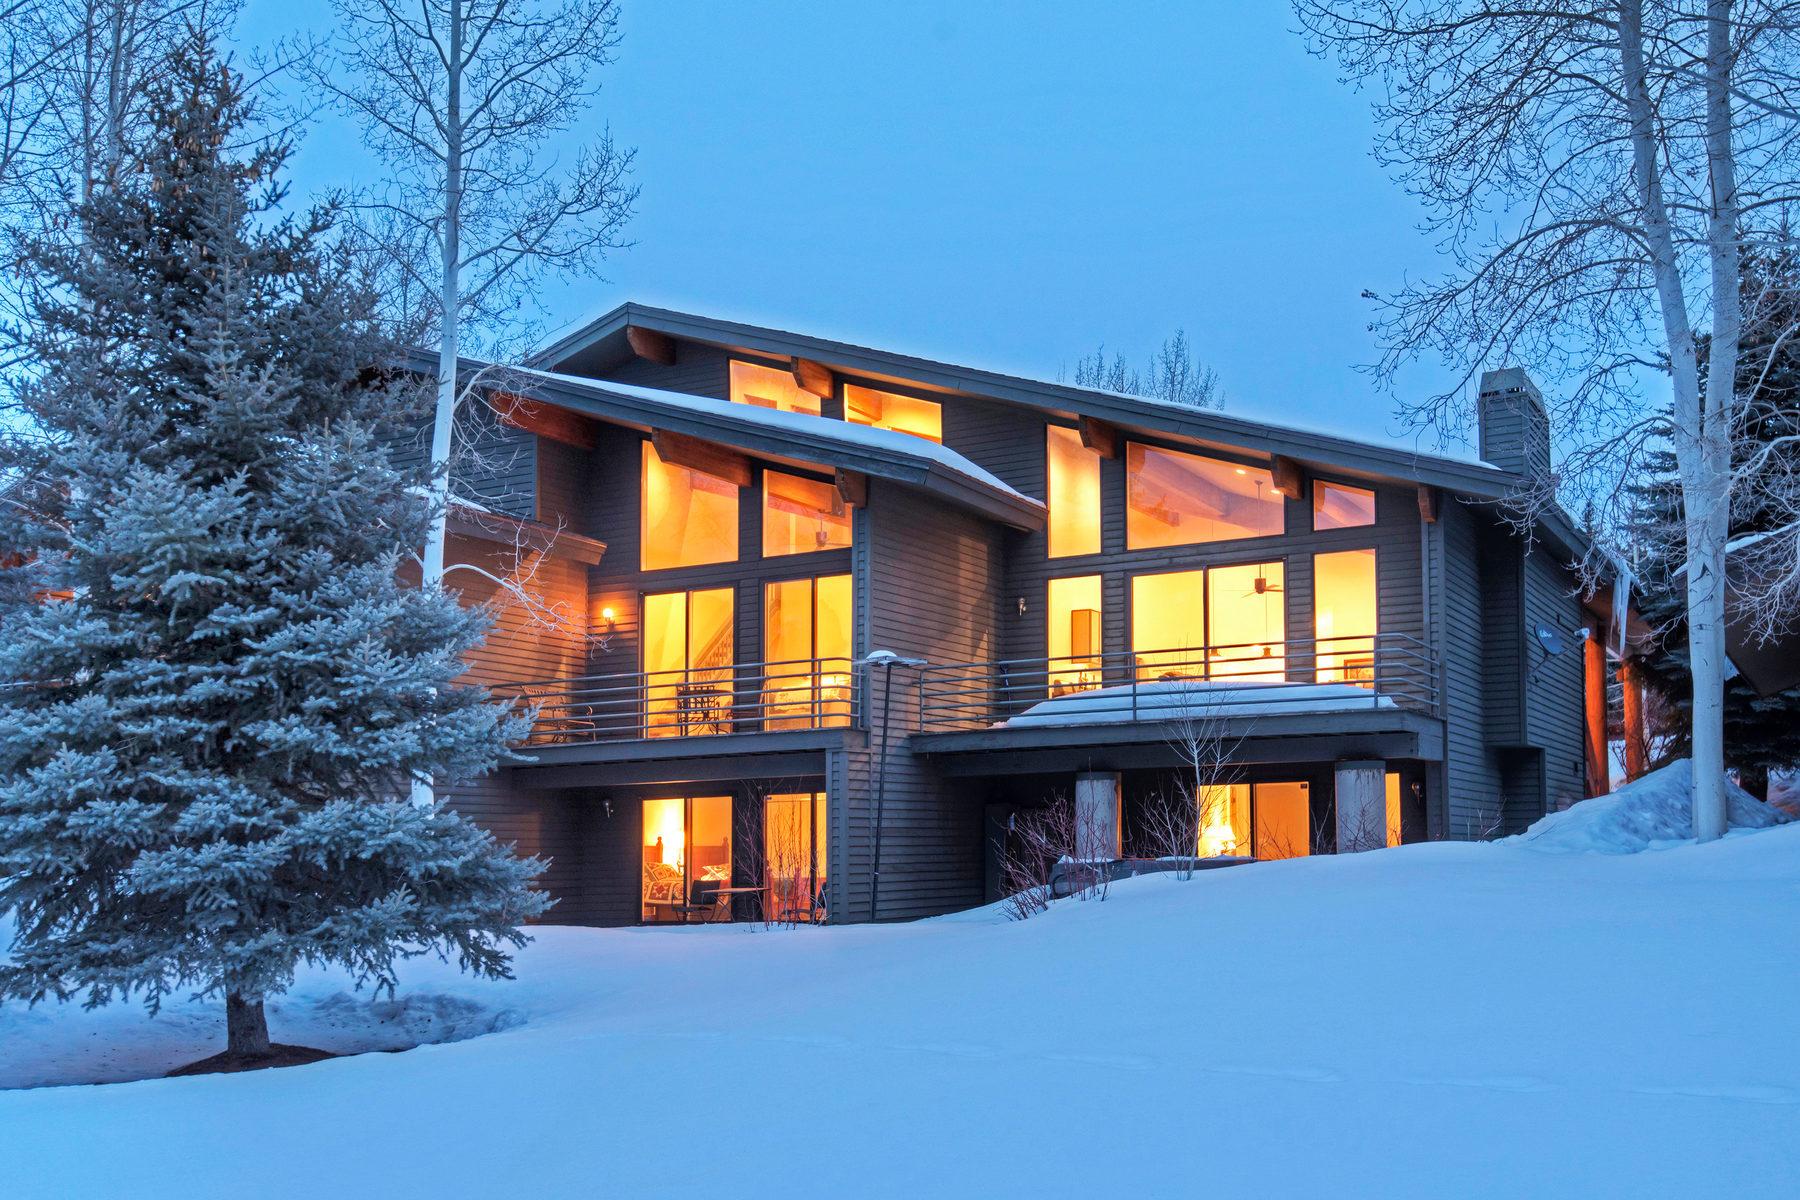 Copropriété pour l Vente à Contemporary Renovated Townhome with Mountain Views 2467 Fairway Village #47 Park City, Utah, 84060 États-Unis